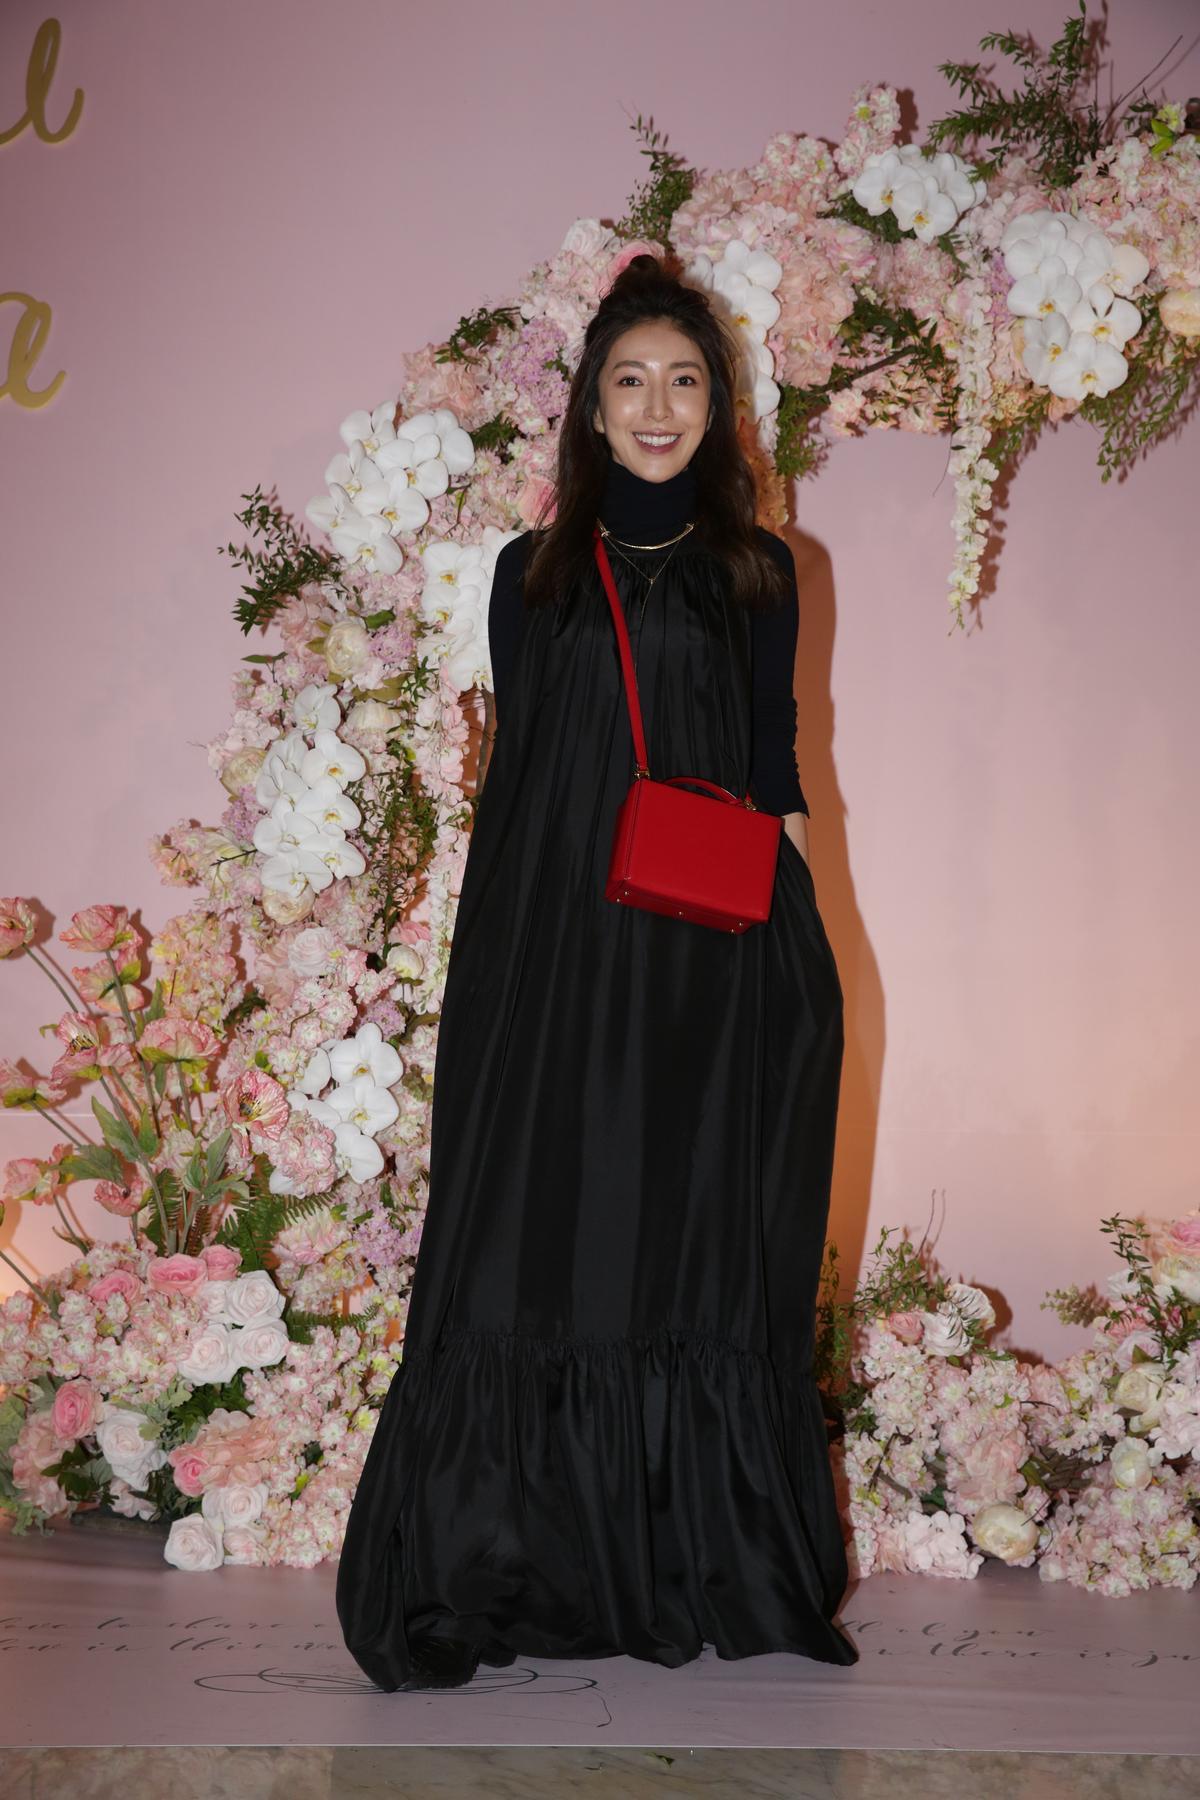 楊謹華穿得一身黑來吃喜酒,有記者戲稱「這是巫婆裝吧!」